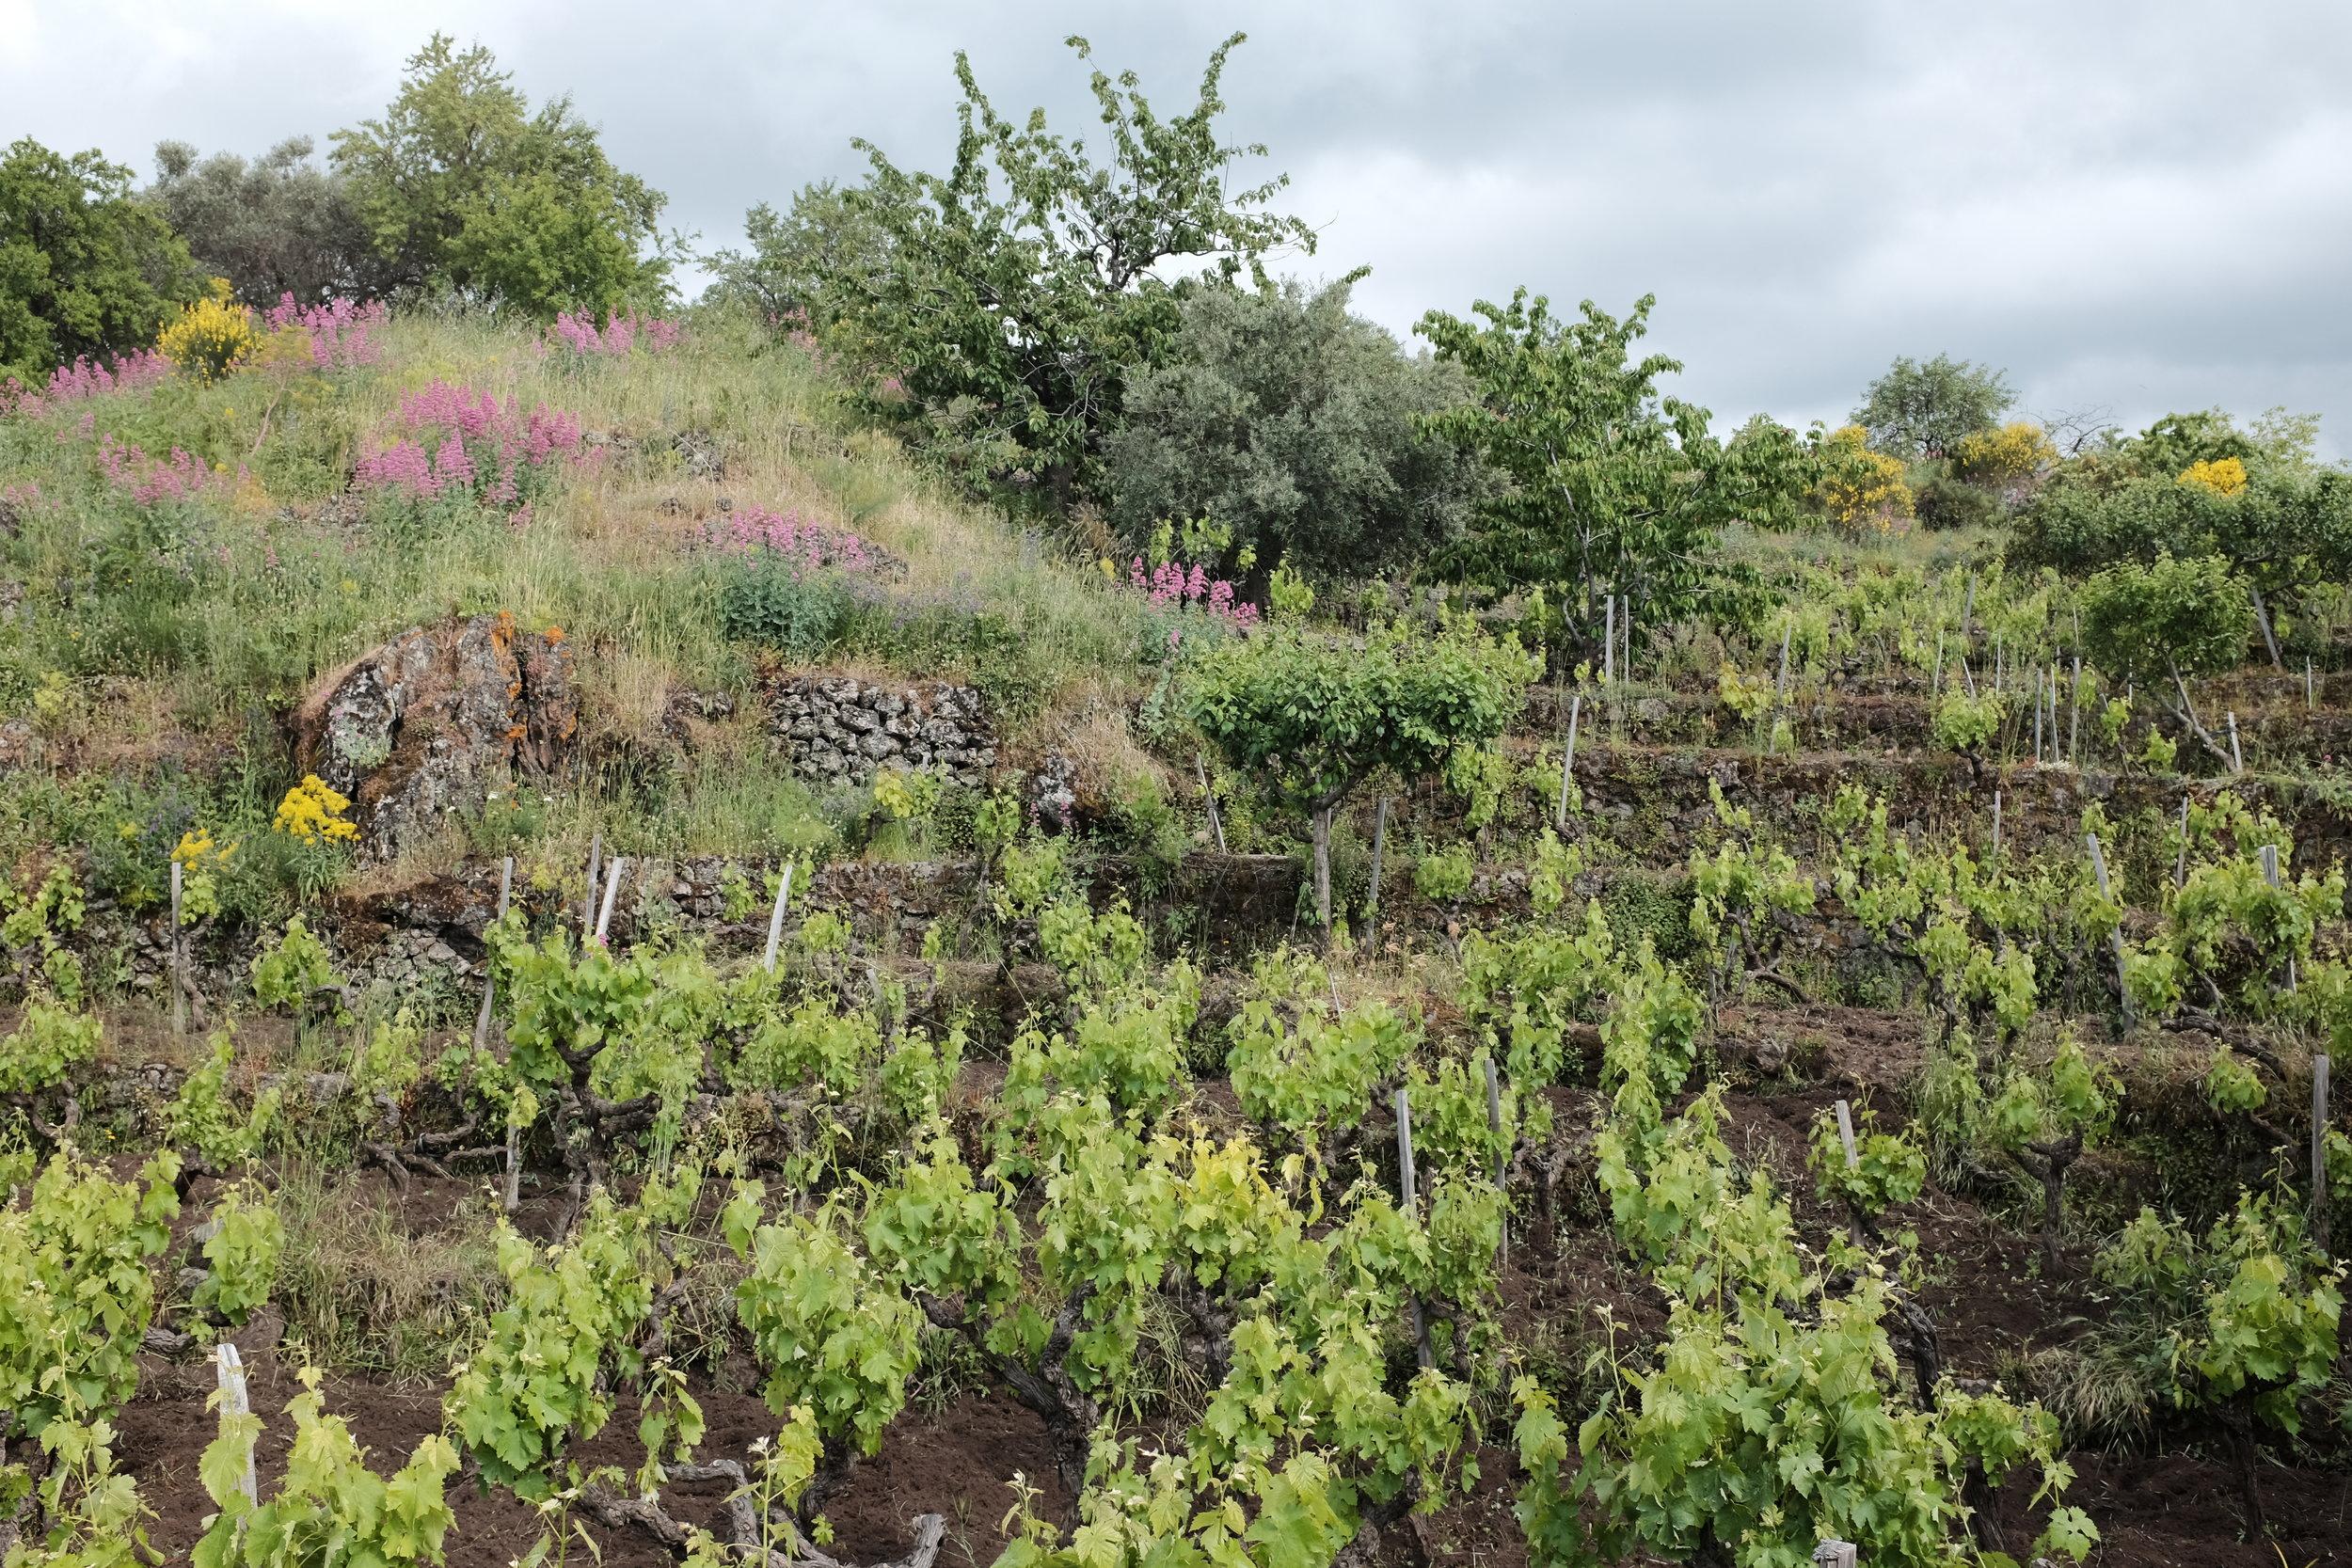 Pietradolce's Archineri vineyard